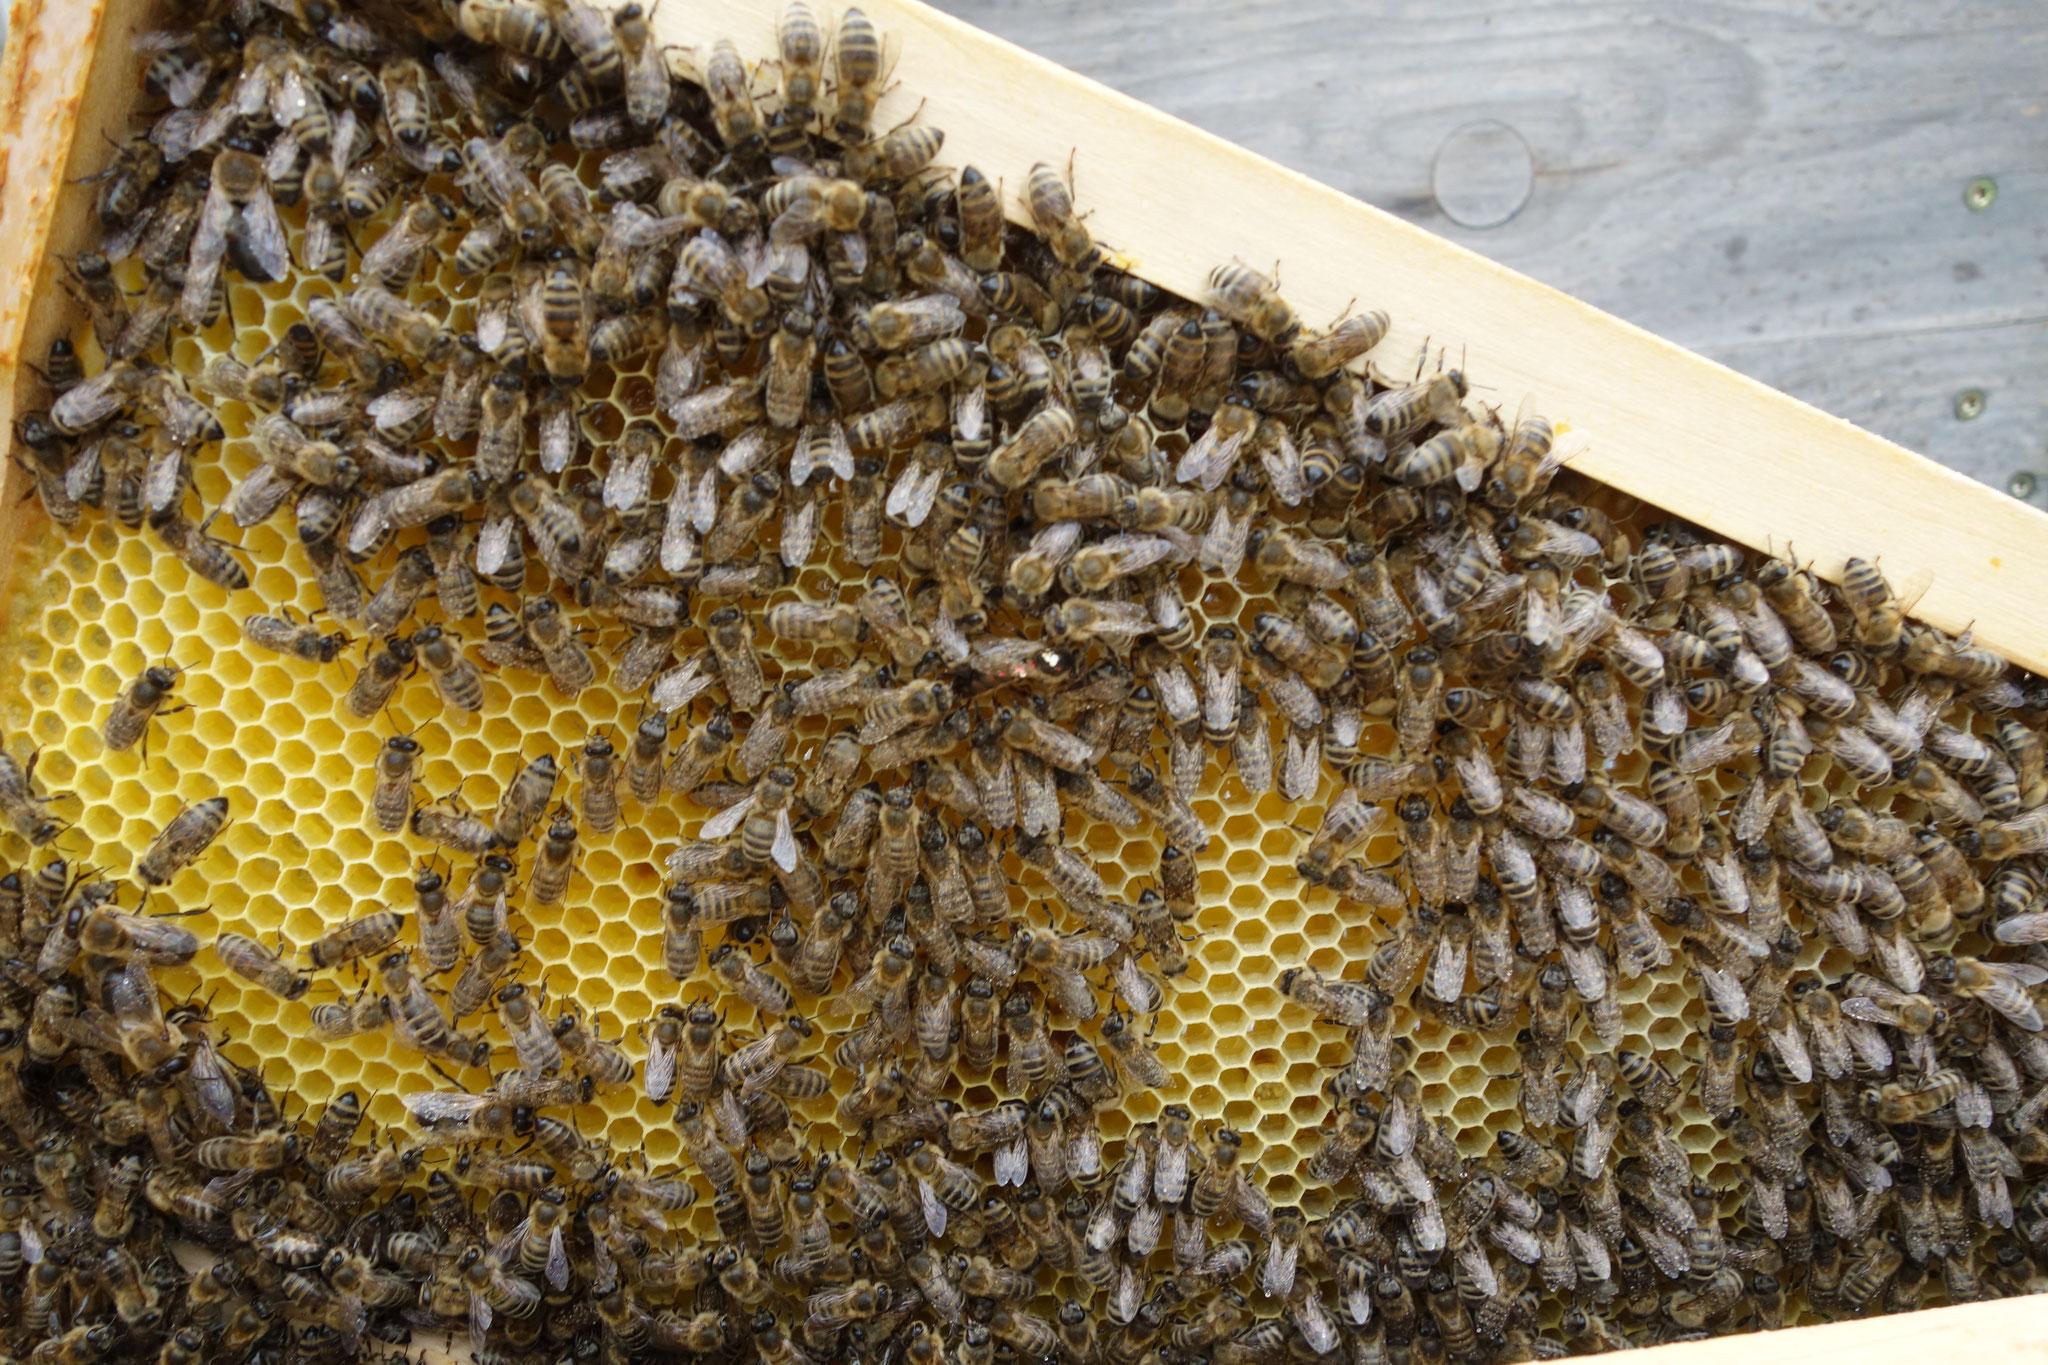 Königin auf Wabe gefunden. Die Flügel aller Bienen sind leicht nass von der Sprühbehandlung, so soll es sein.